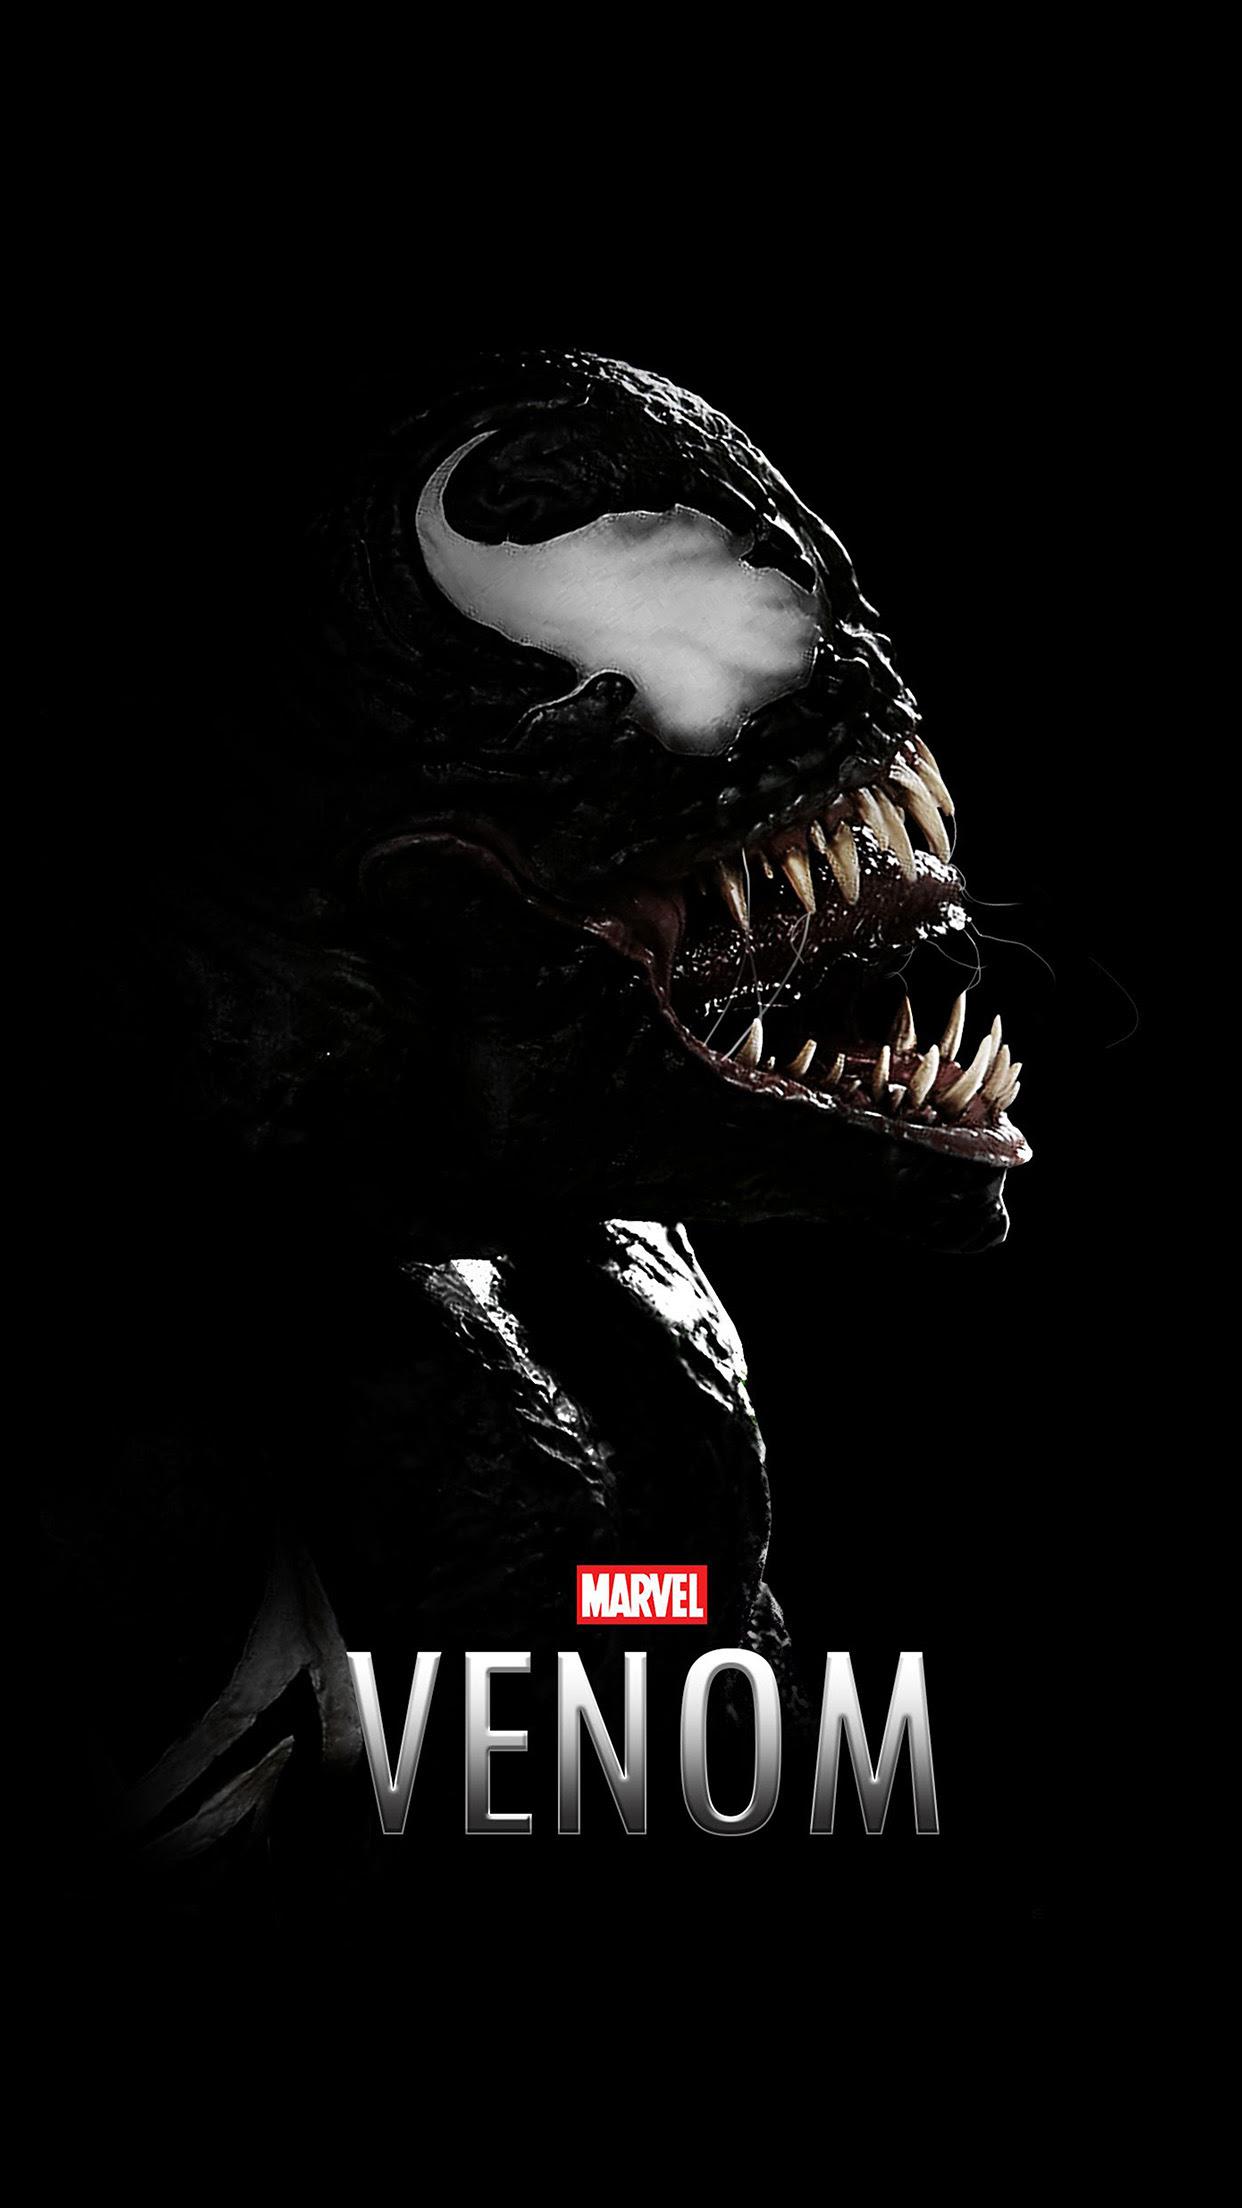 Wow 26+ Foto Wallpaper Venom - Joen Wallpaper